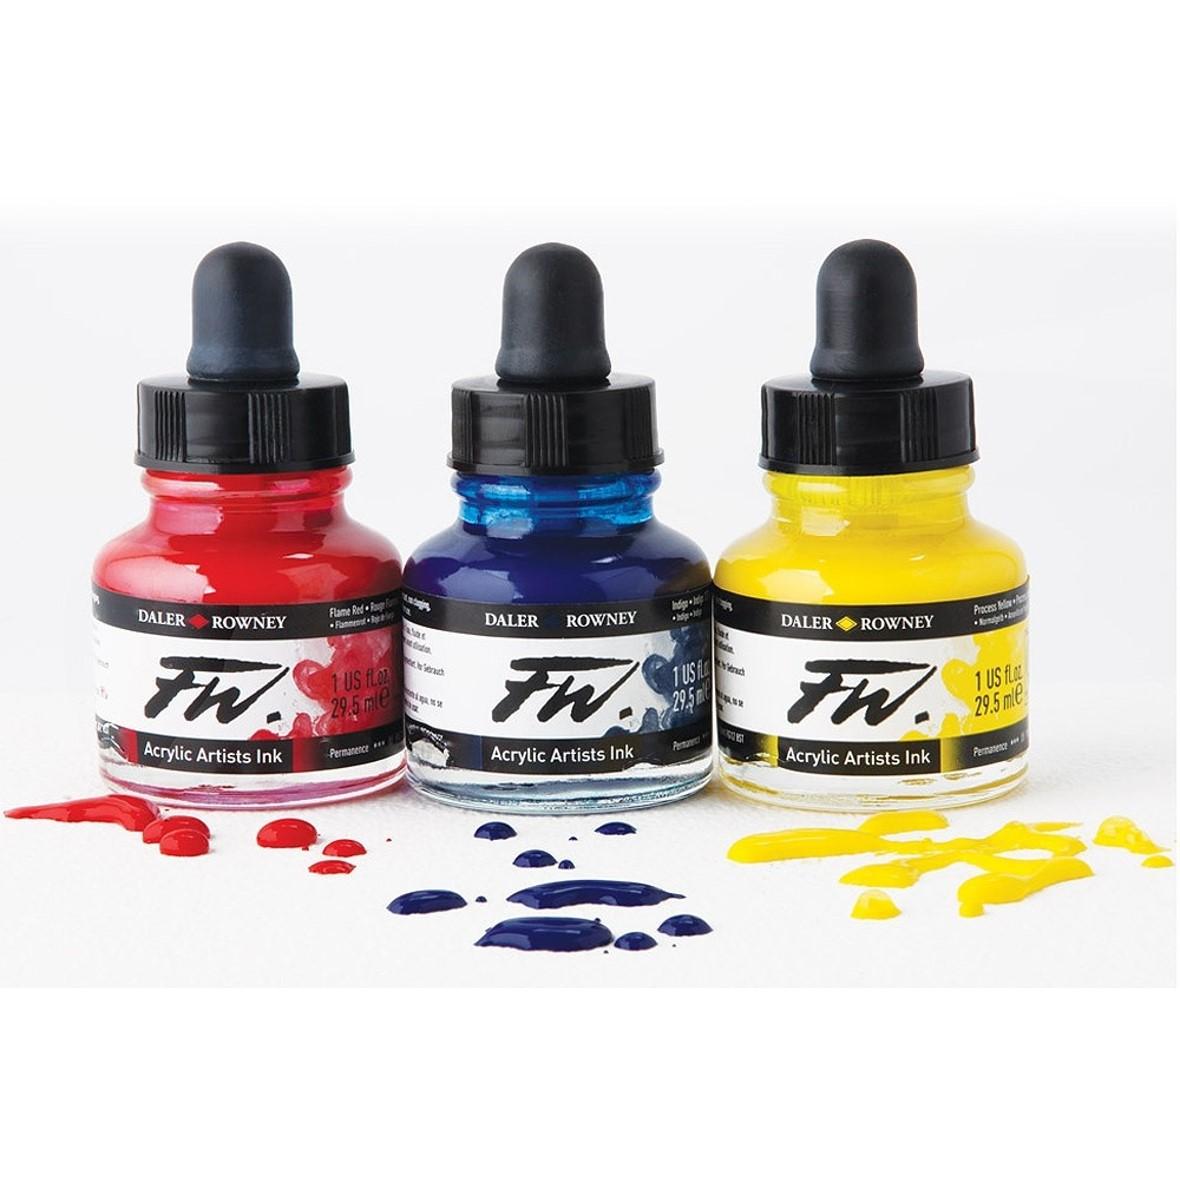 FW Acrylic Ink 29.5ml